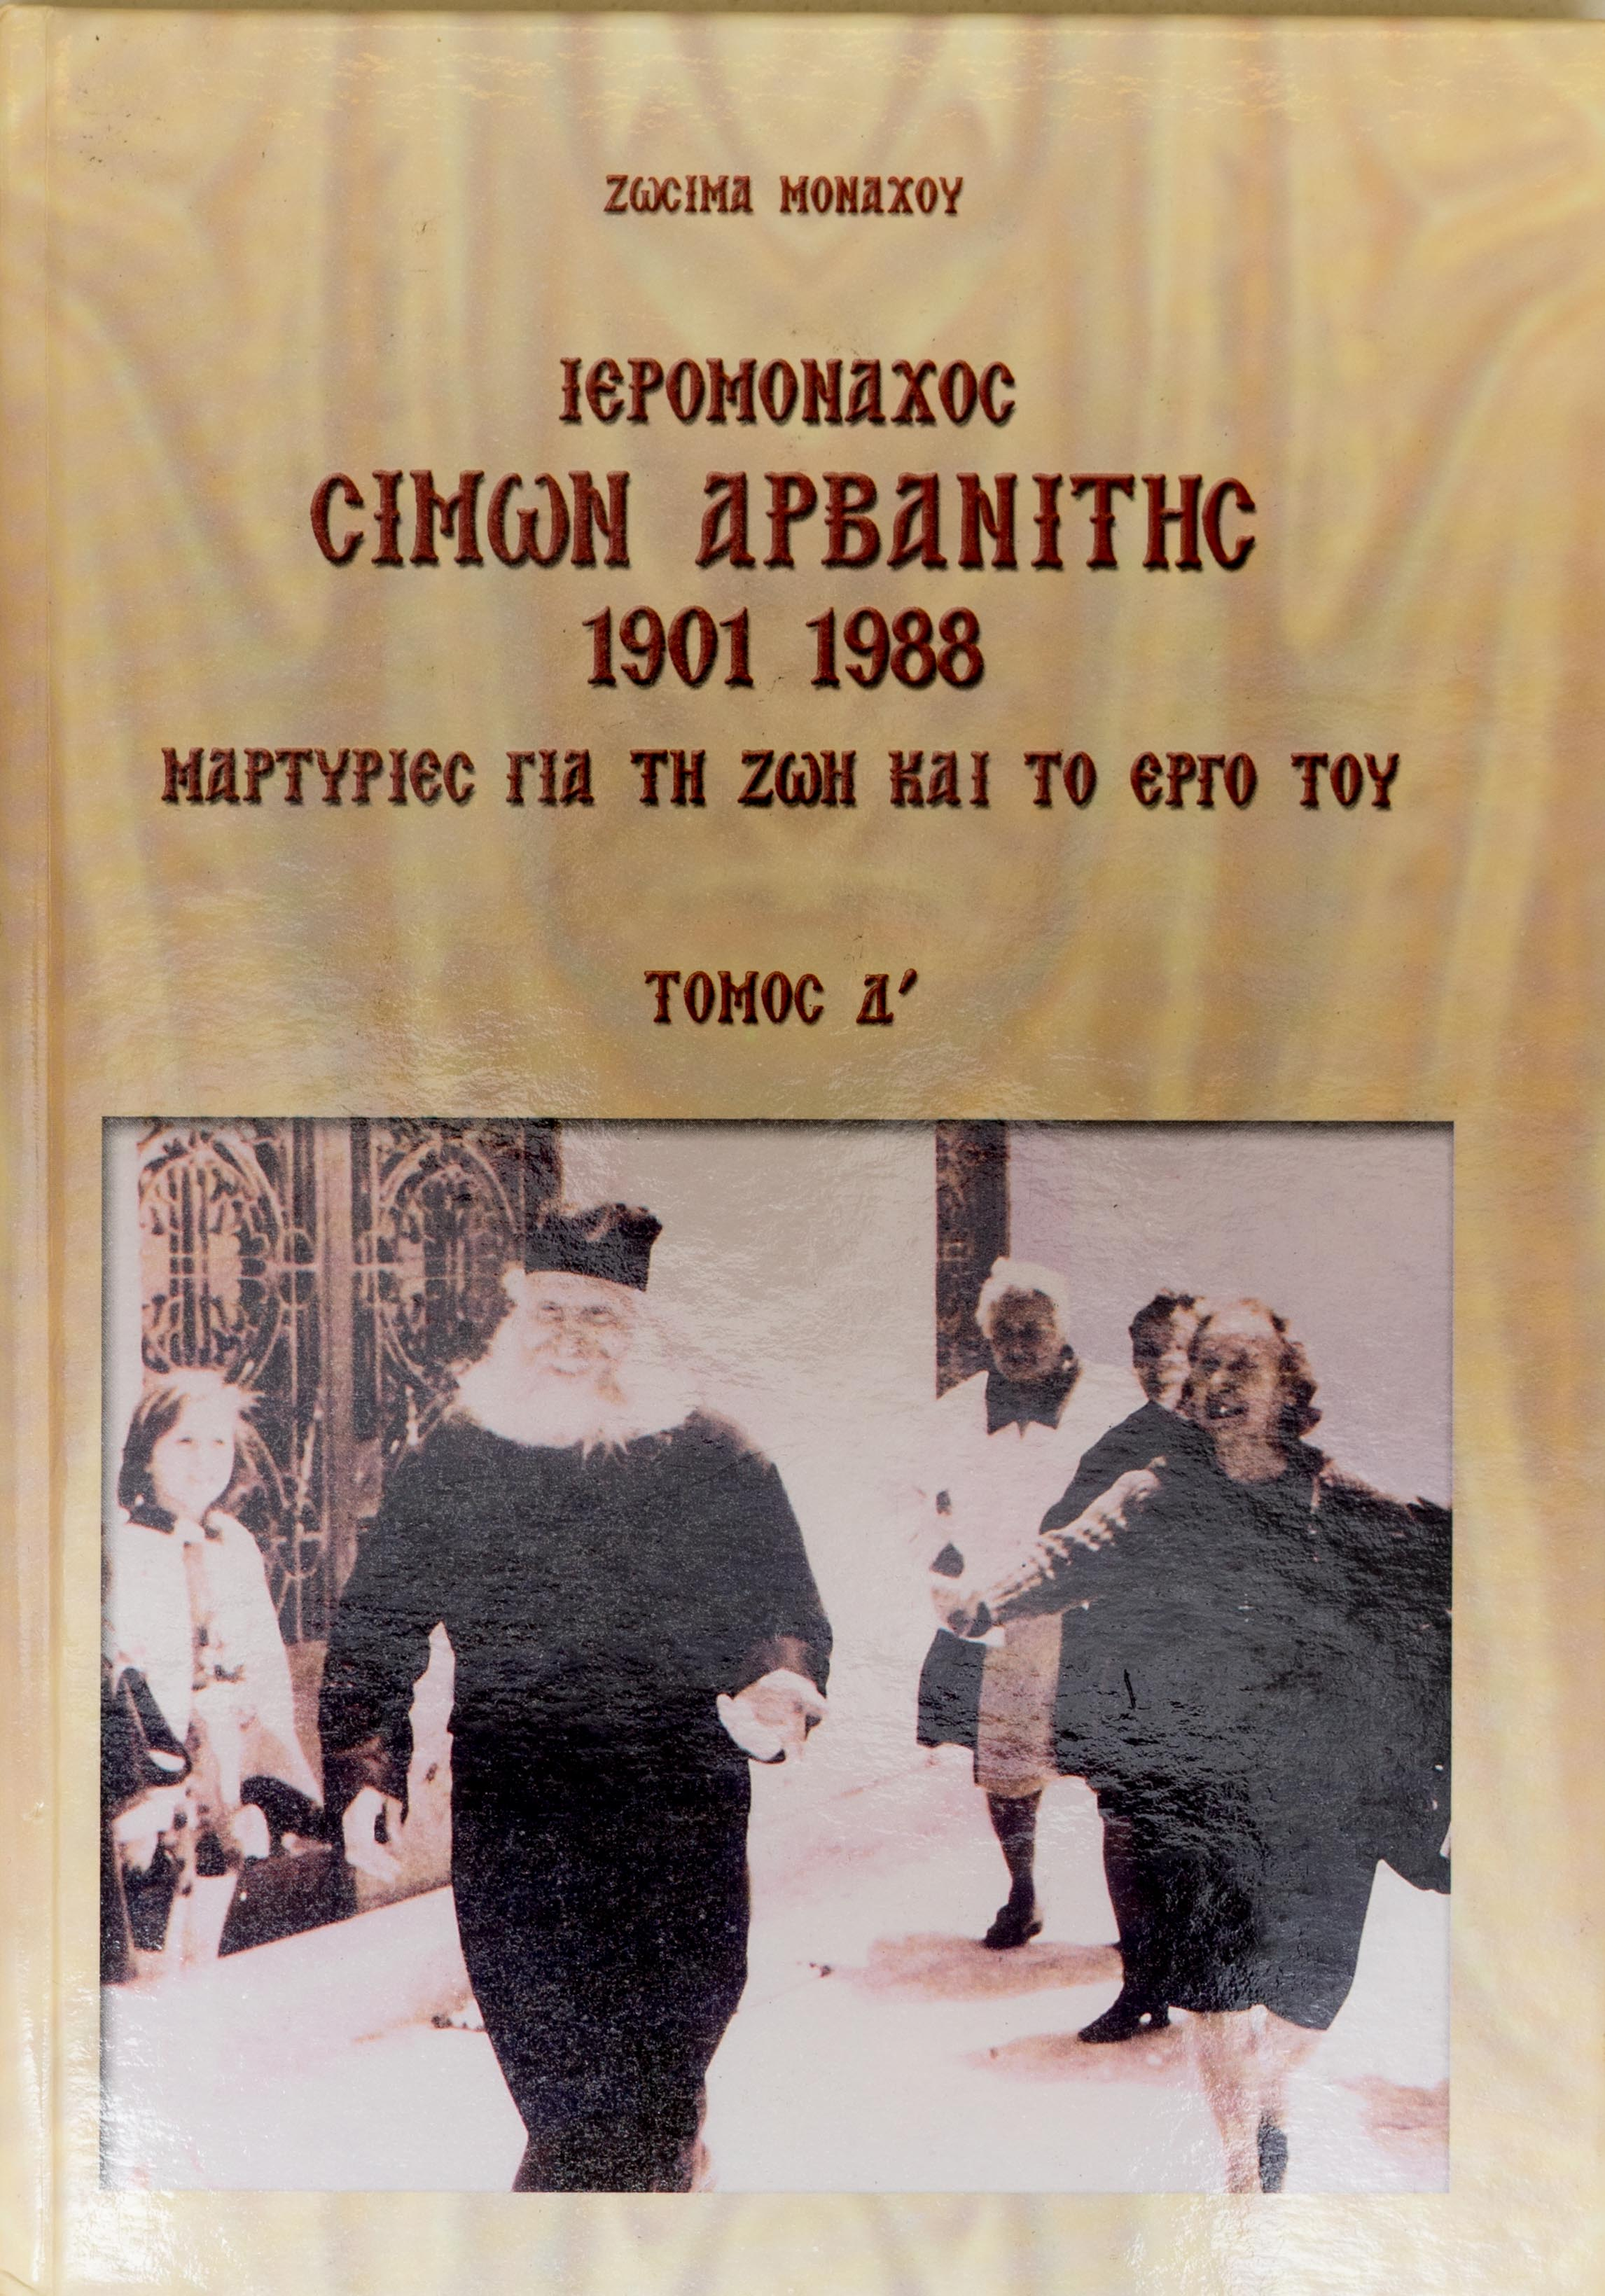 Ιερομόναχος Σίμον Αρβανίτης 1901-1988 Μαρτυρίες για τη Ζωή και το Εργο του   Τόμος Δ'